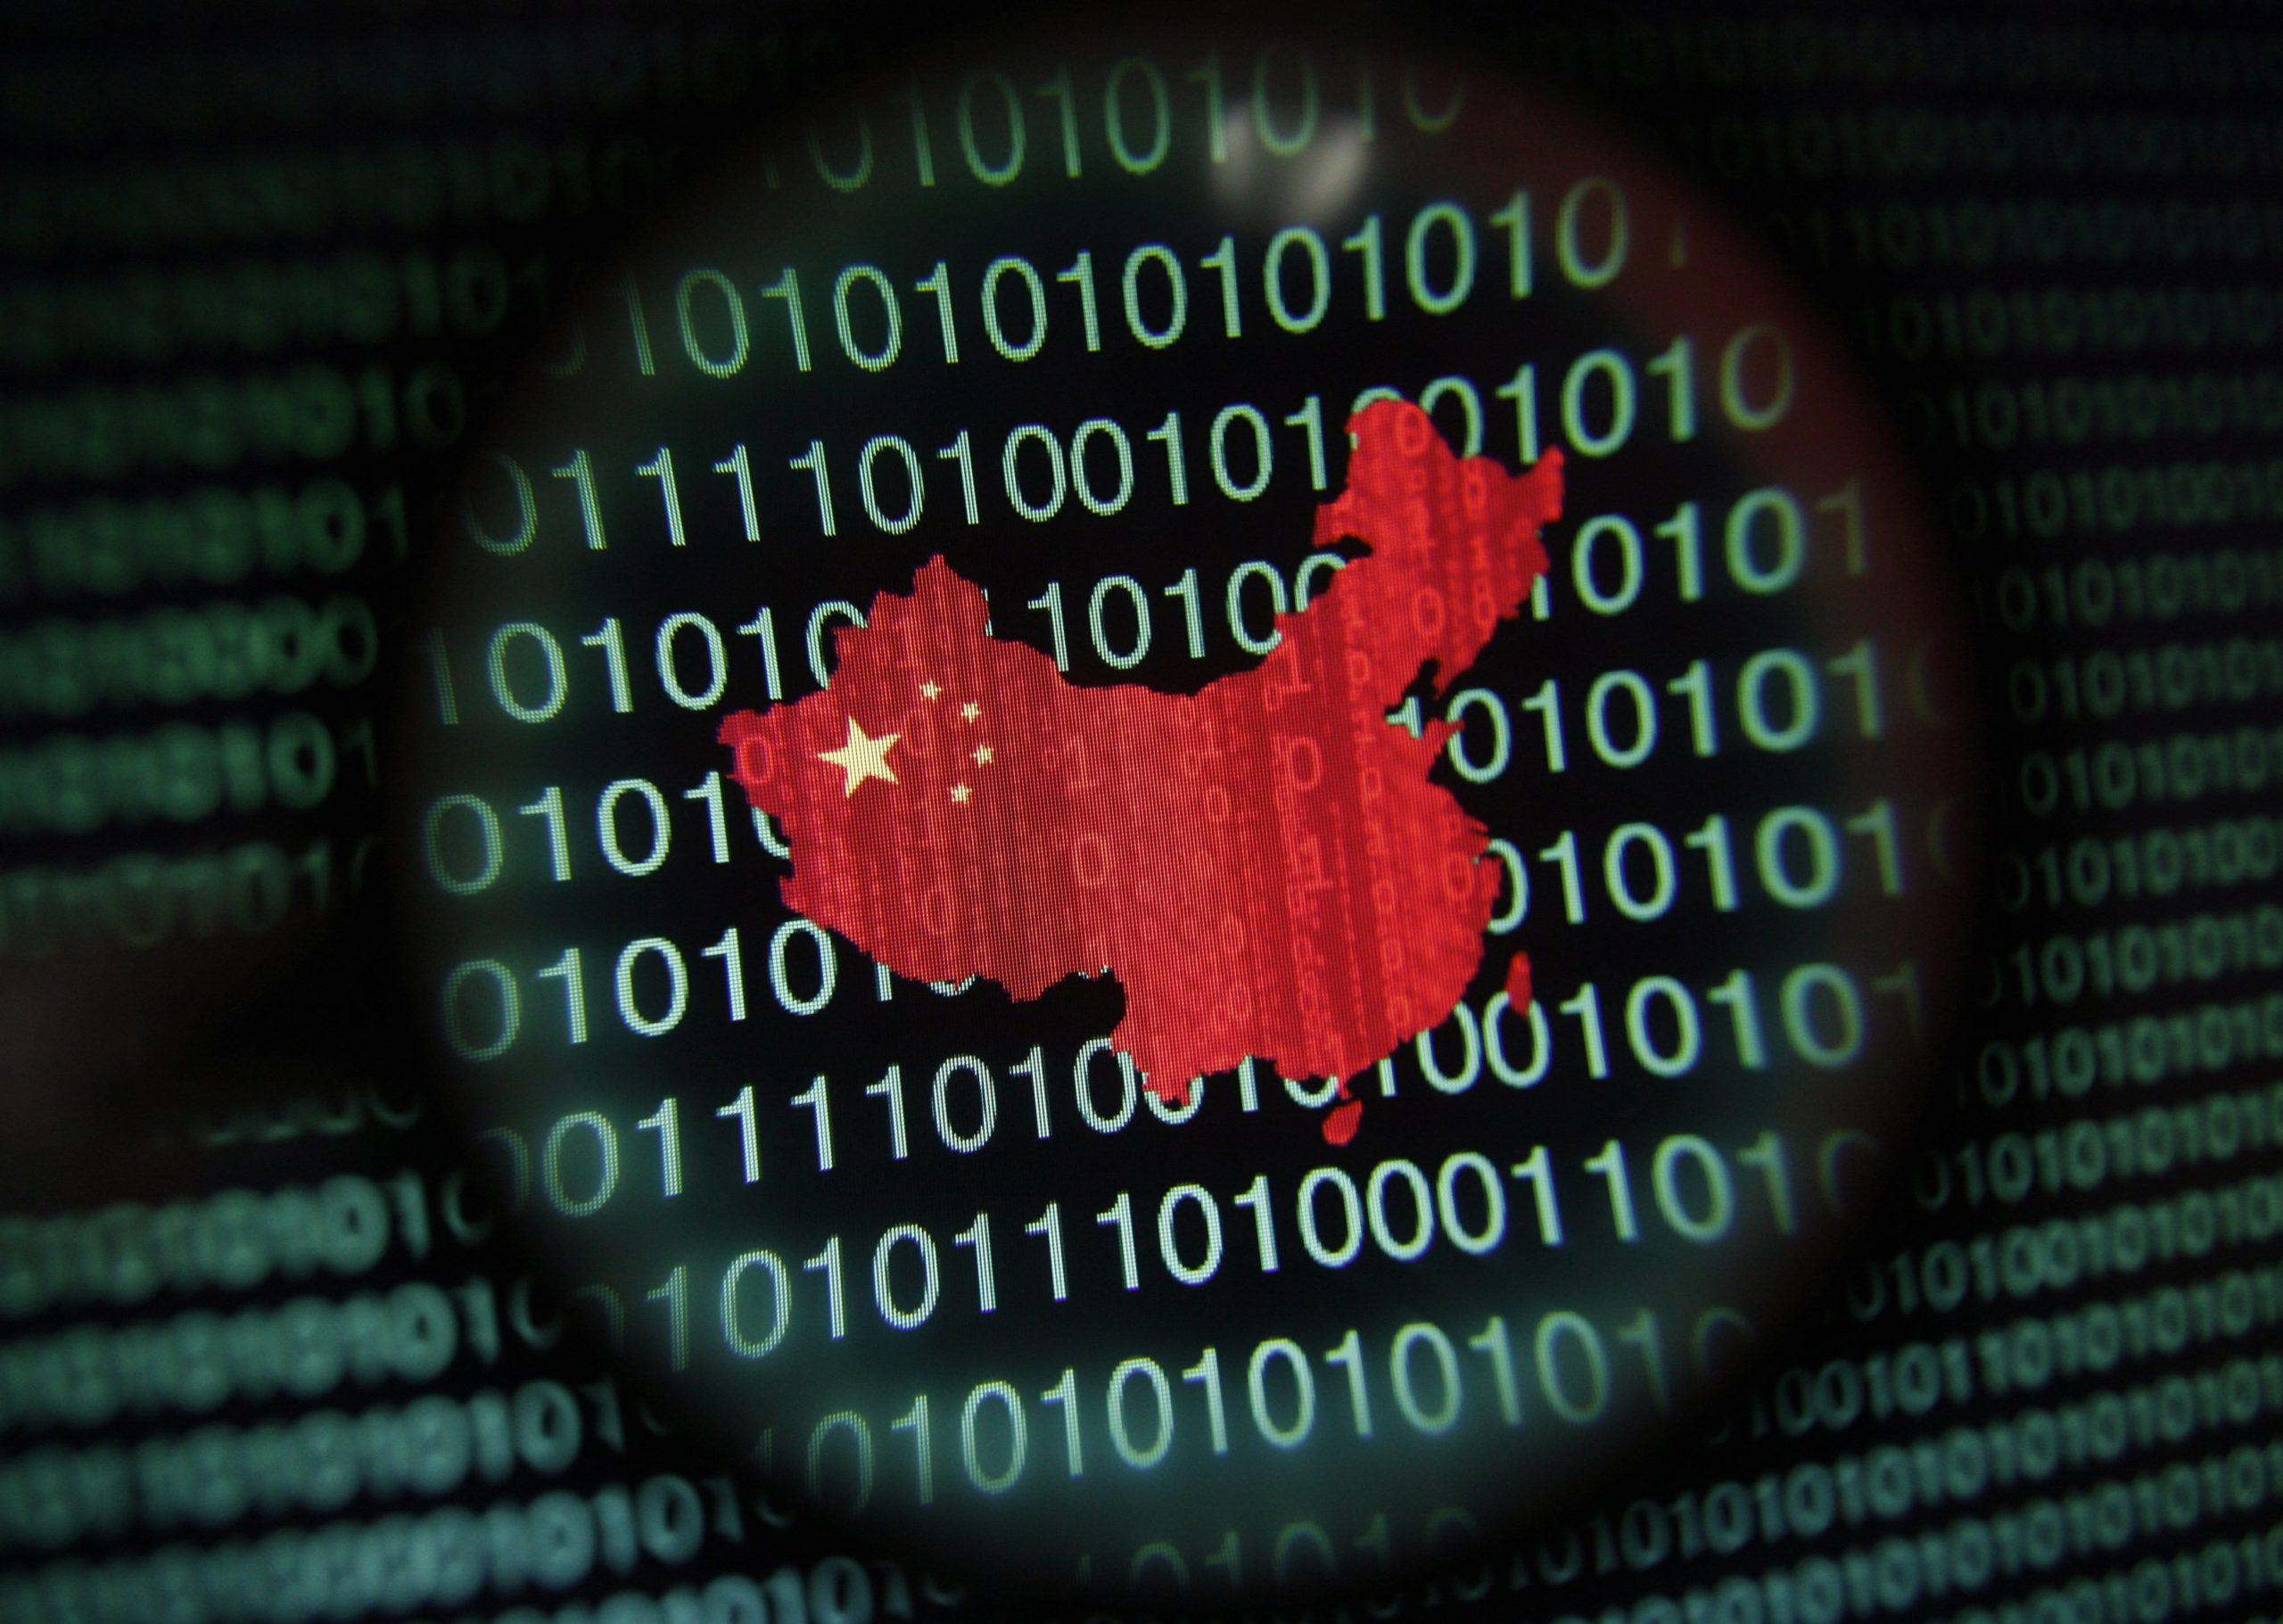 sangay dijital yuanin sinir otesi kullanimini conflux blokzincirinde test edecek